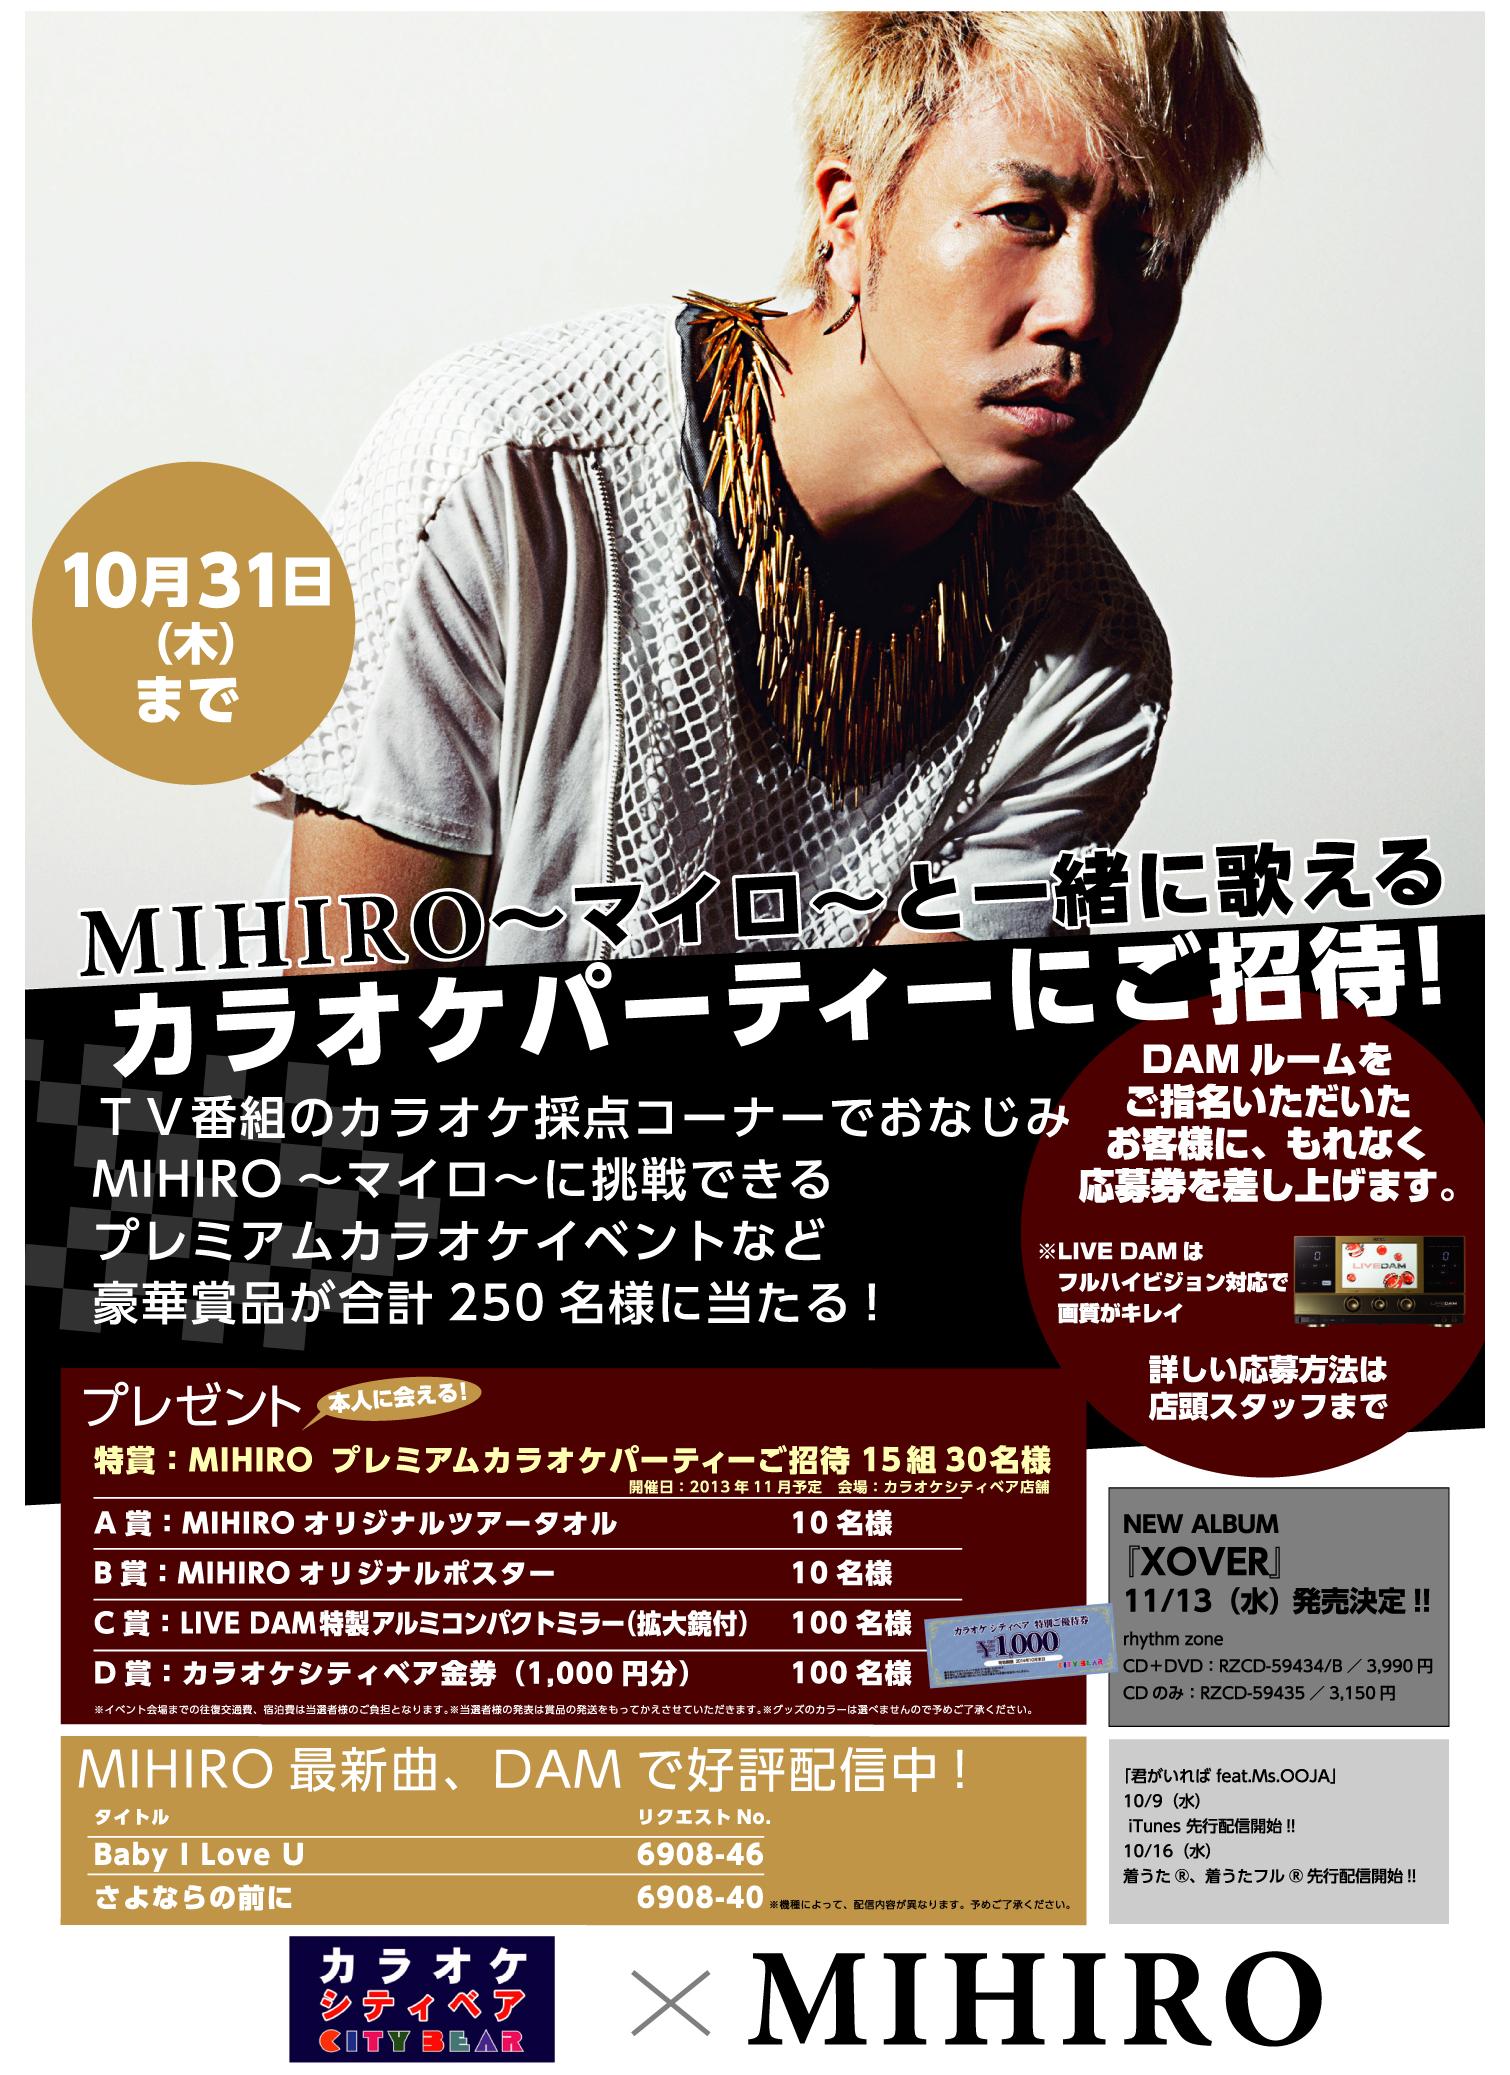 mihiro_city_mihon6